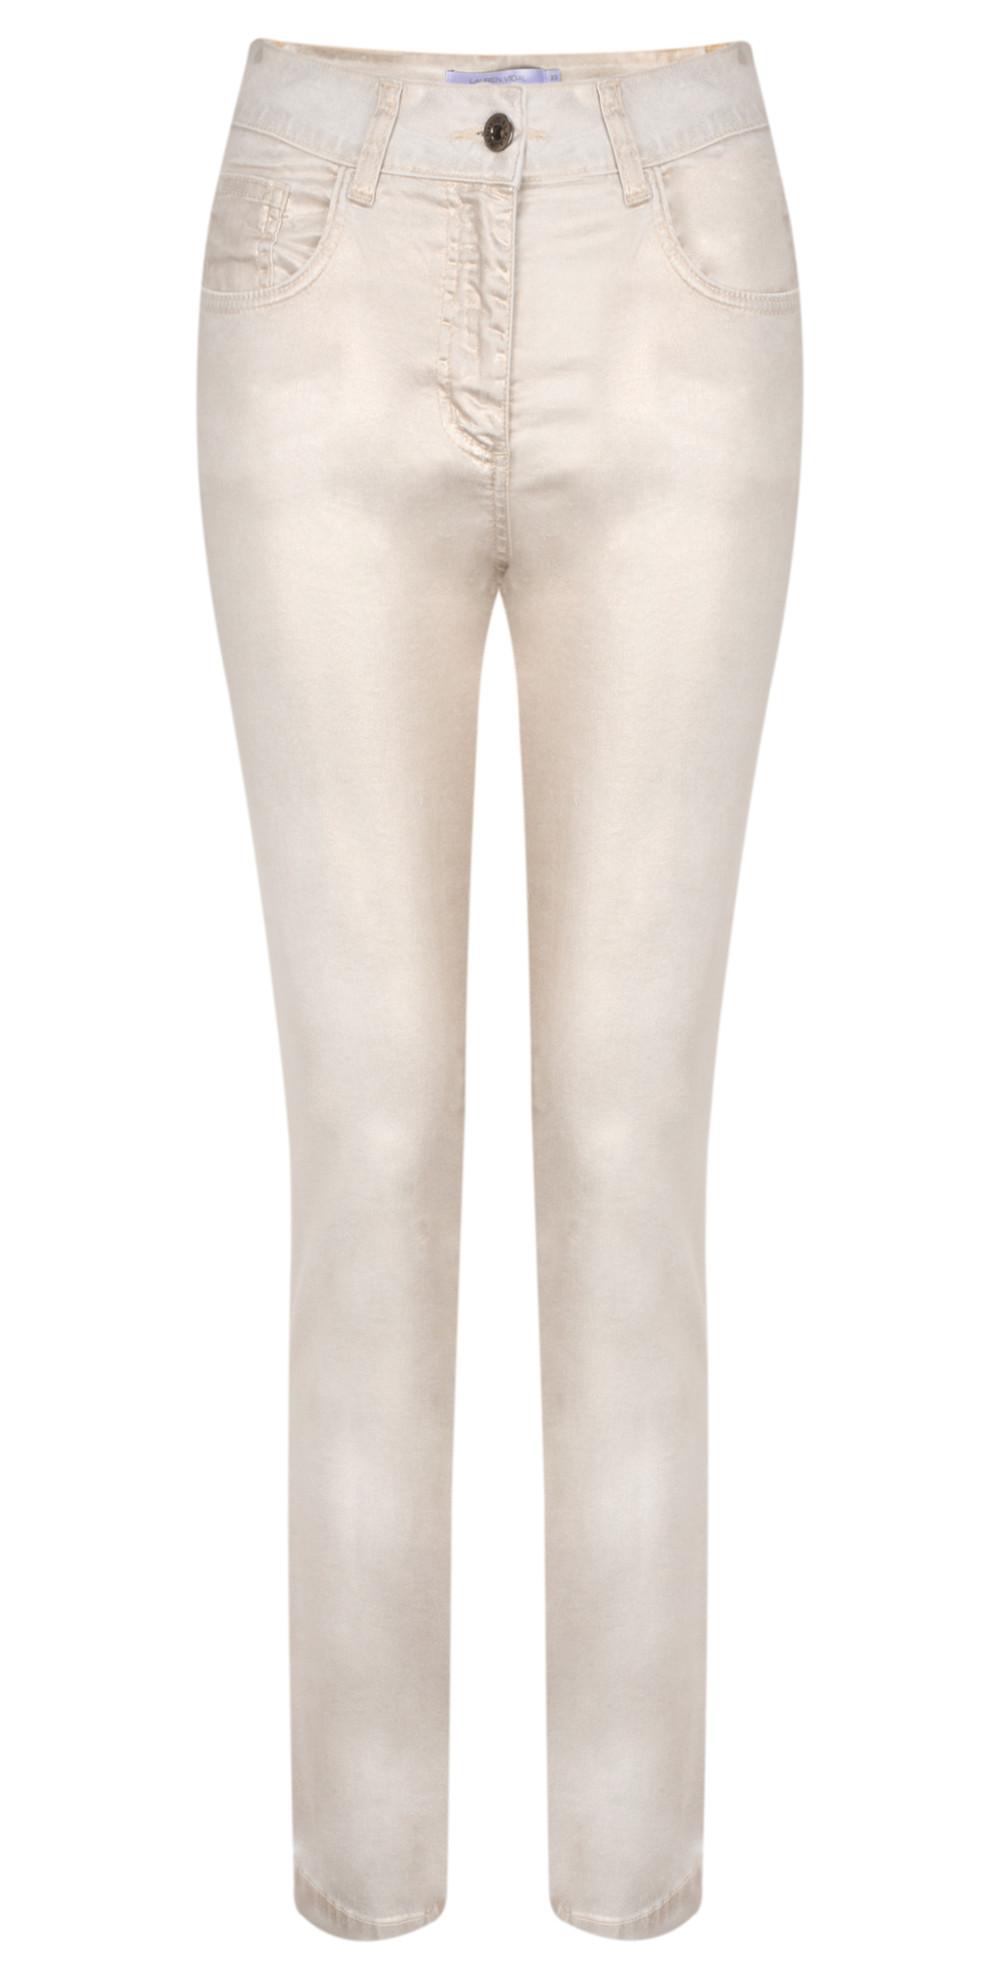 Luxury Coated Jeans main image